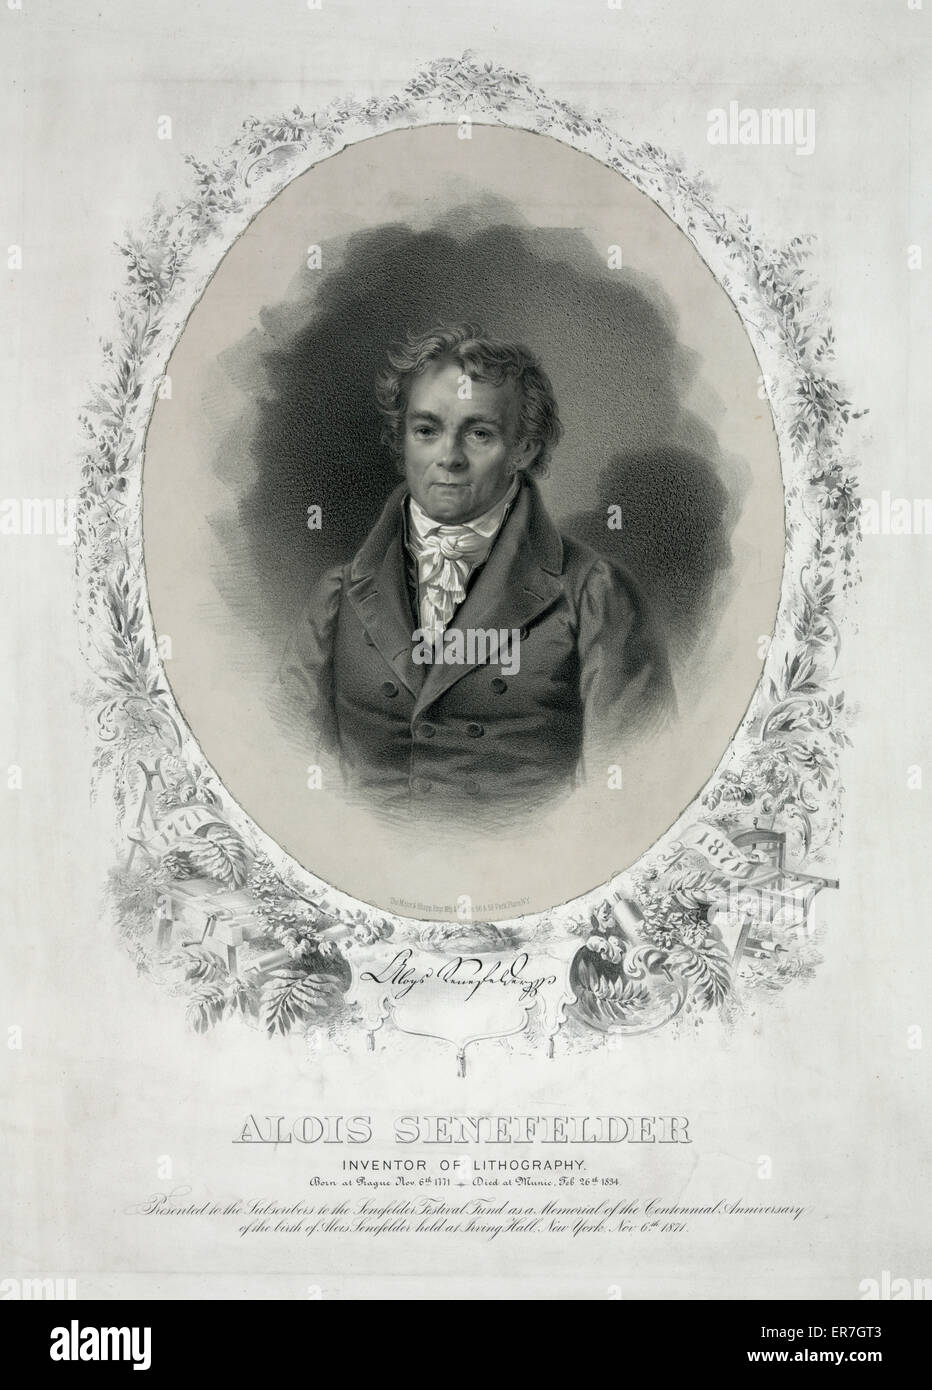 Alois Senefelder inventore di litografia. Immagini Stock